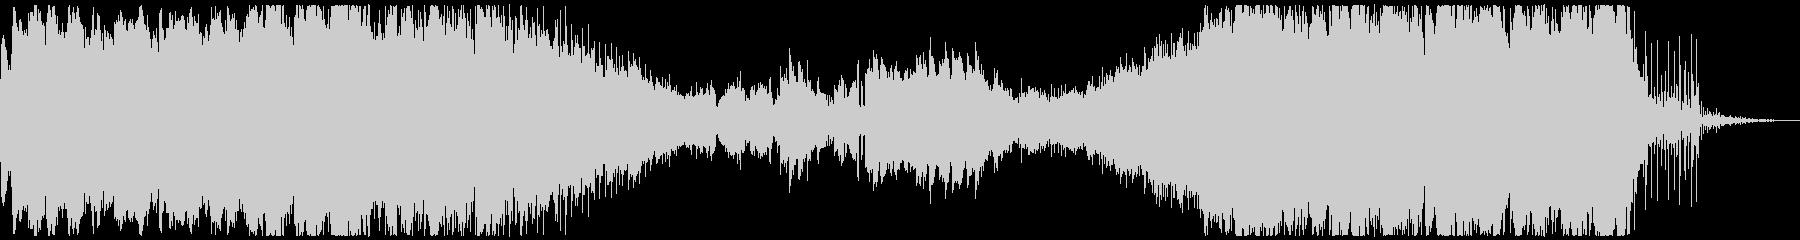 ノスタルジーでローファイなアンビエントの未再生の波形